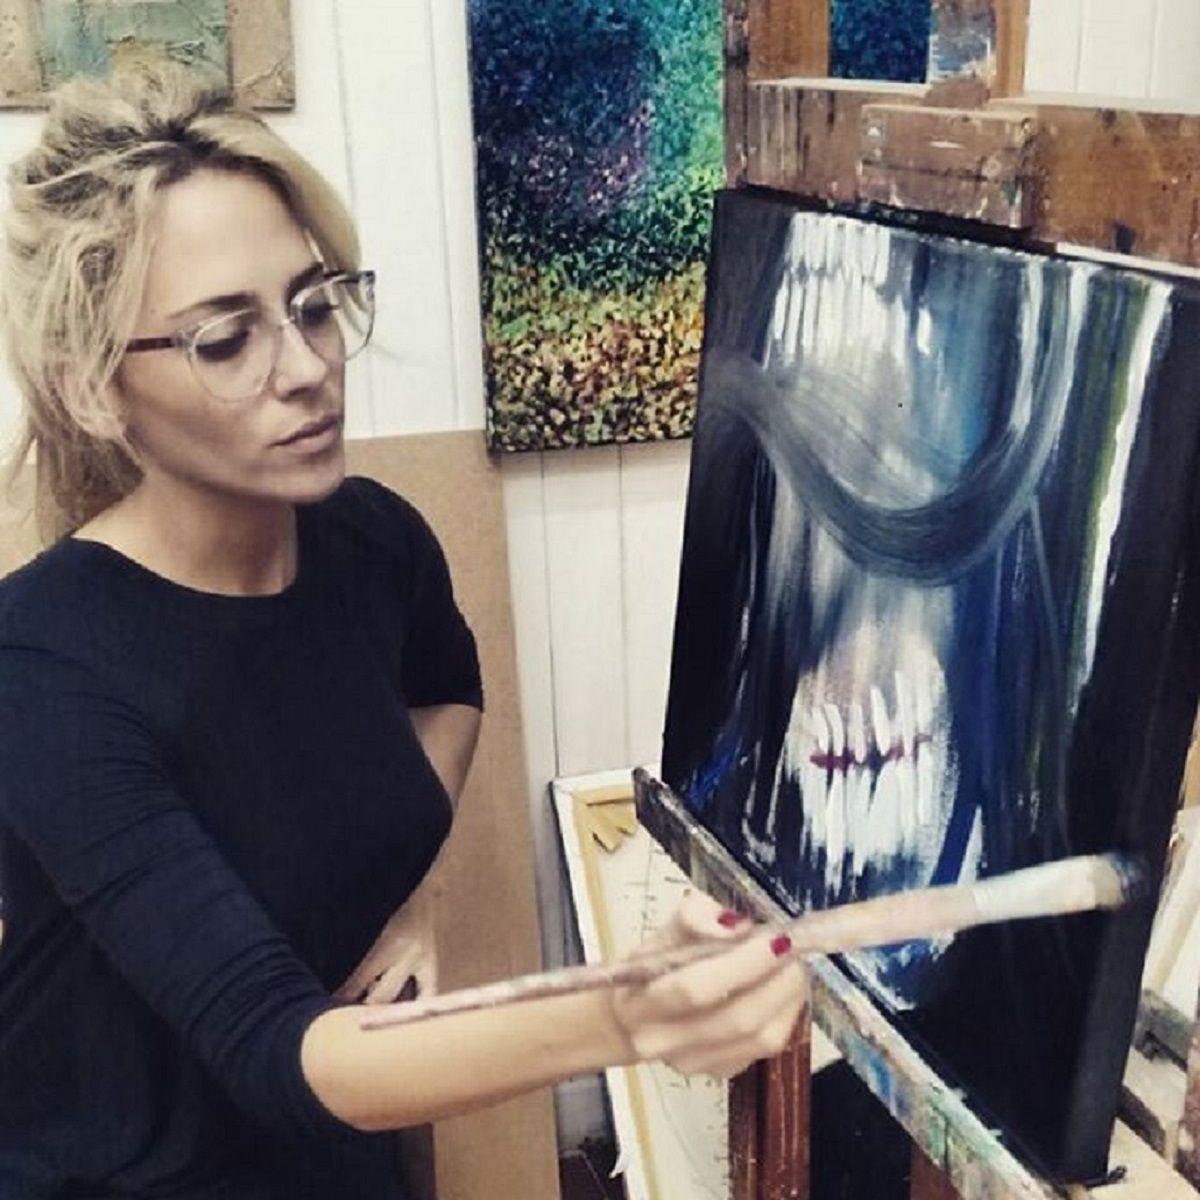 Rocío Gancedo se quitó la vida: ¿se pudo haber evitado?